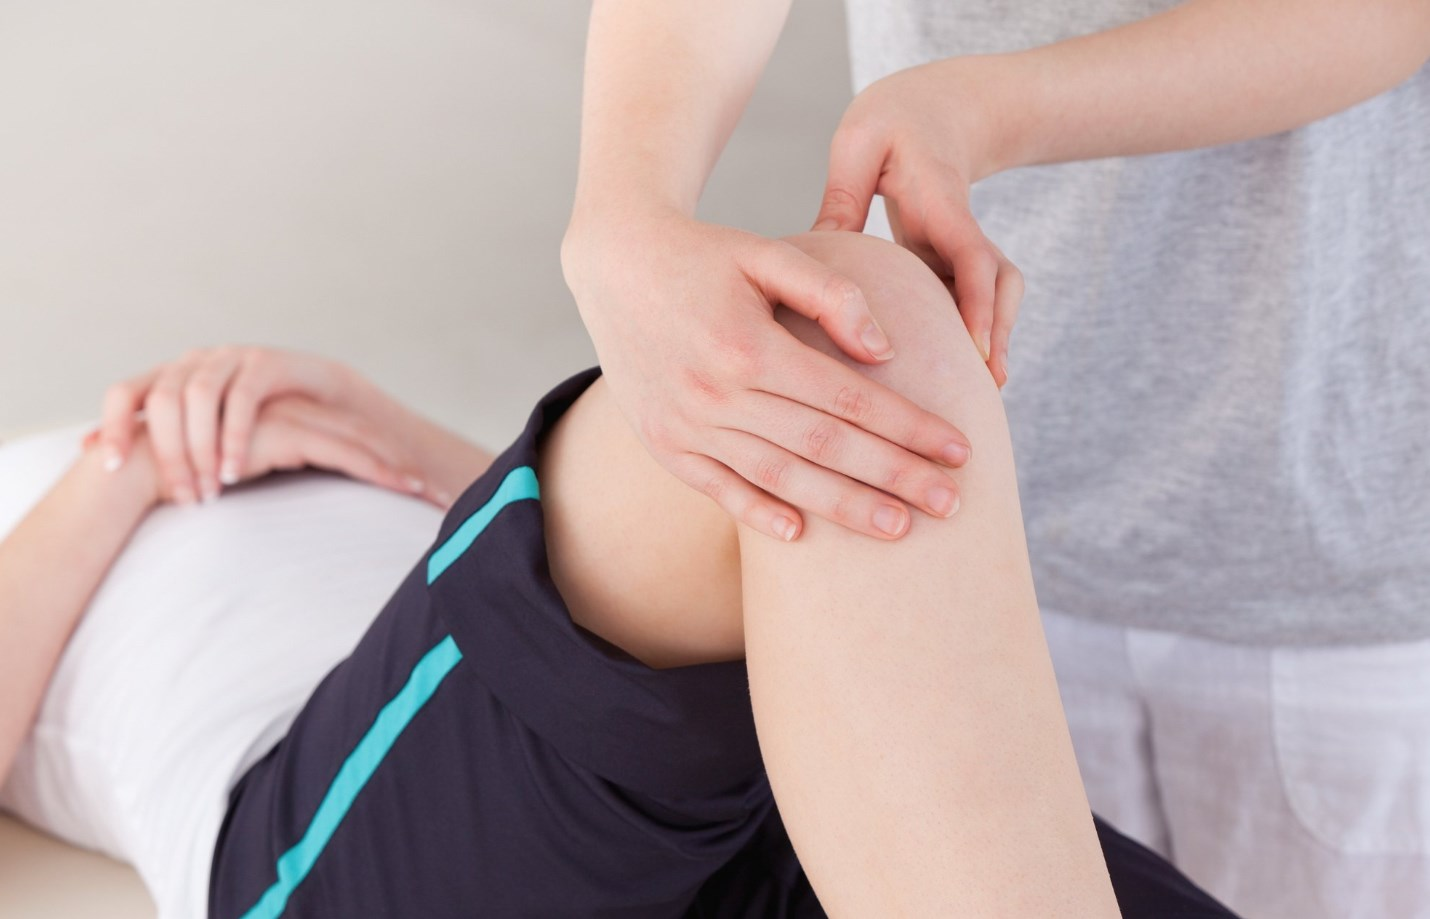 Суставы уход масаж